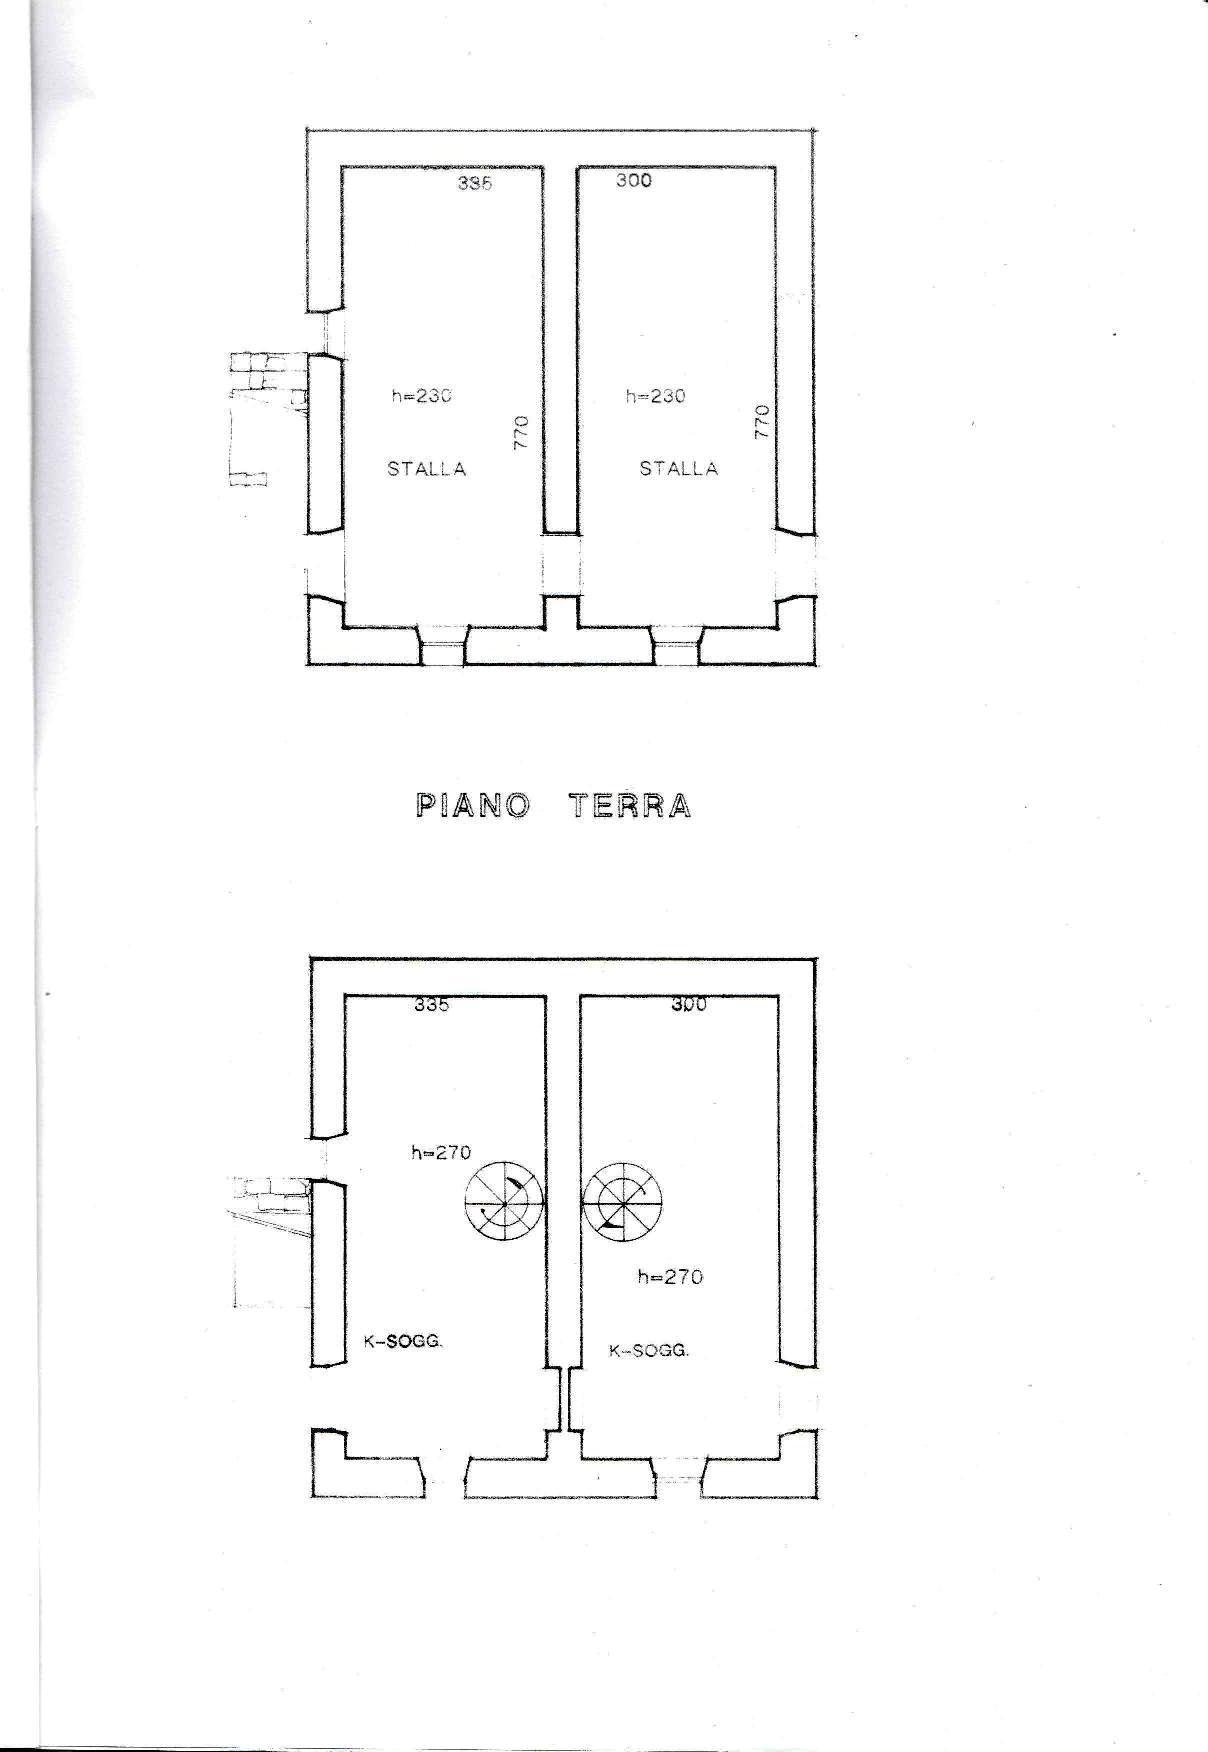 pianta1.jpg